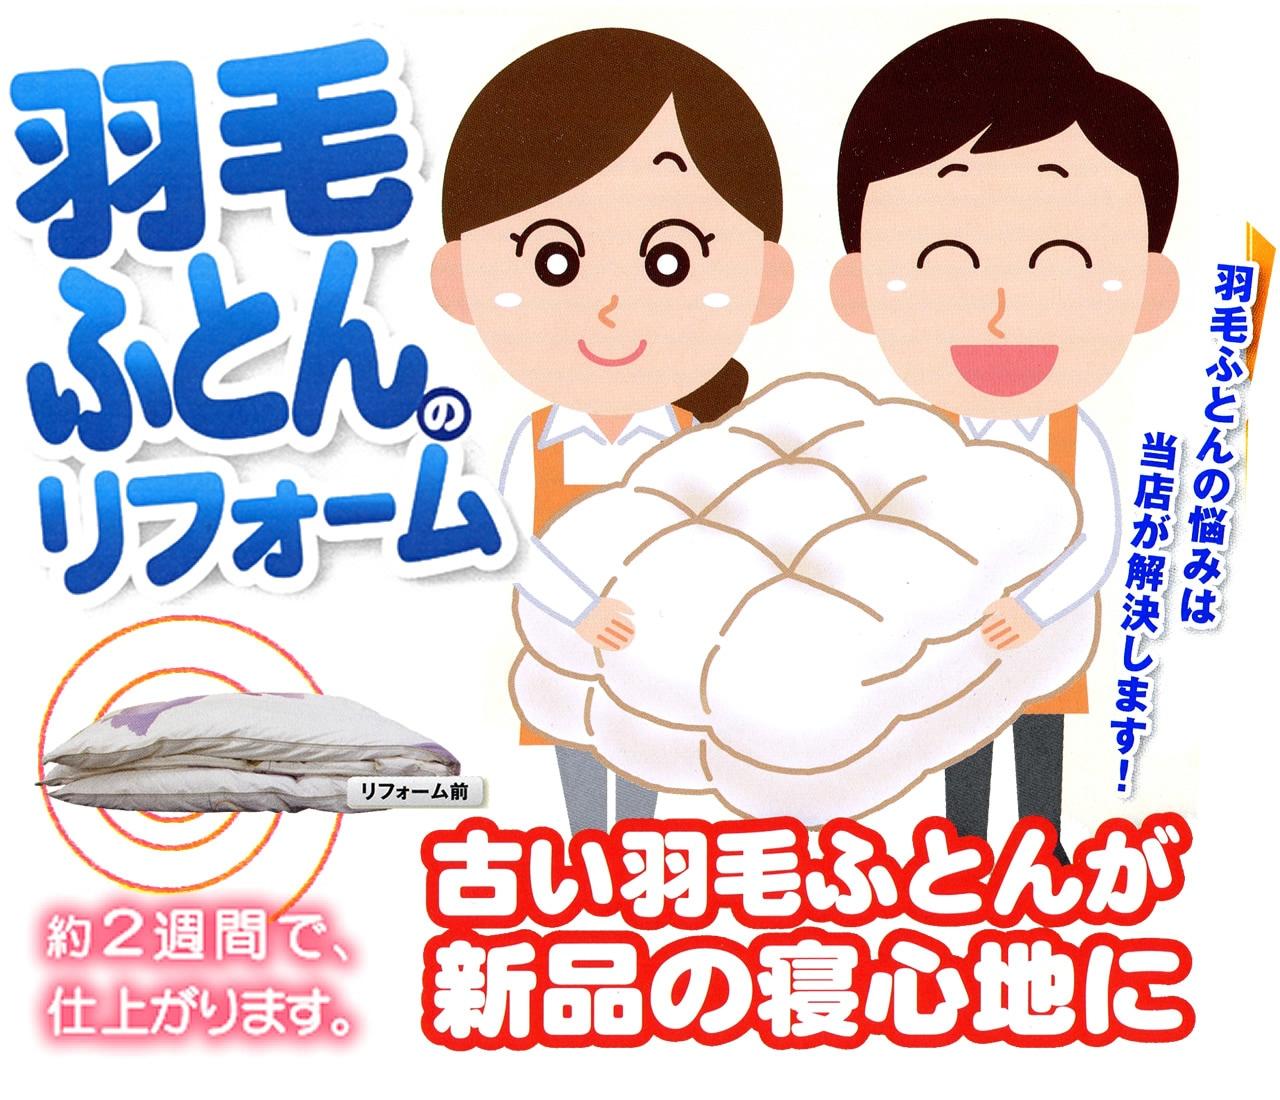 Made in Japan 出雲。寝具の製造メーカーとして140年の歴史と確かな技術があります。